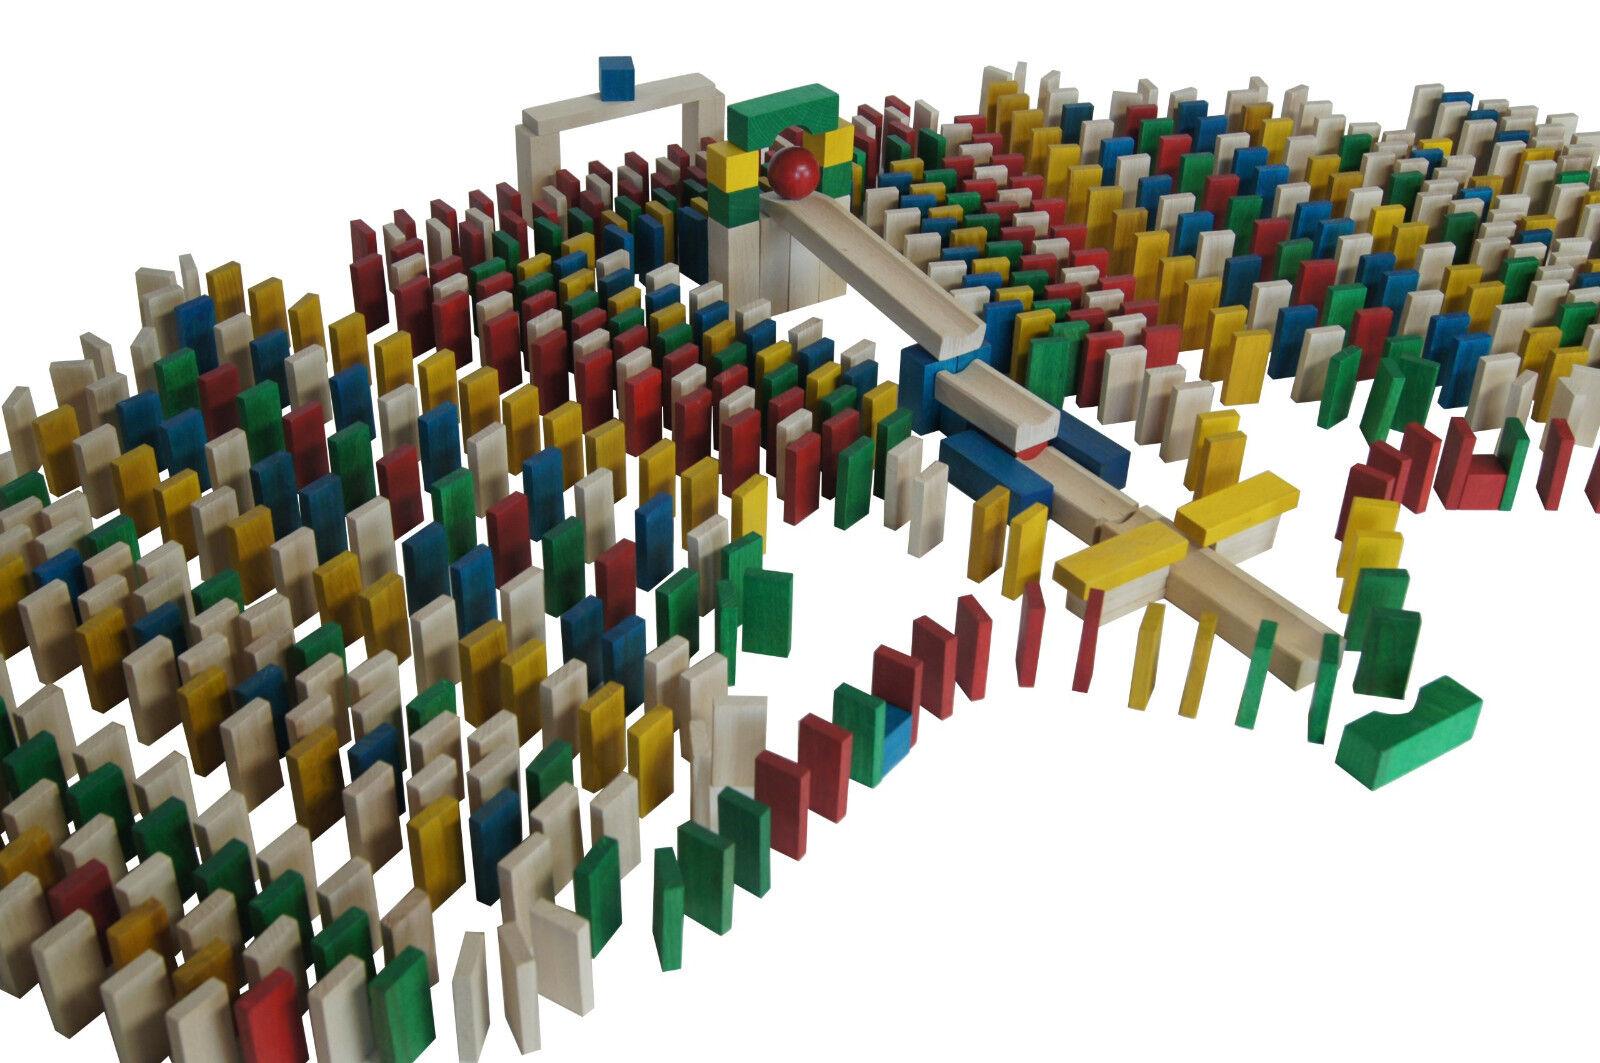 830 Dominosteine bunte Bausteine Holz Bauklötze Holzklötze Holzbausteine Domino